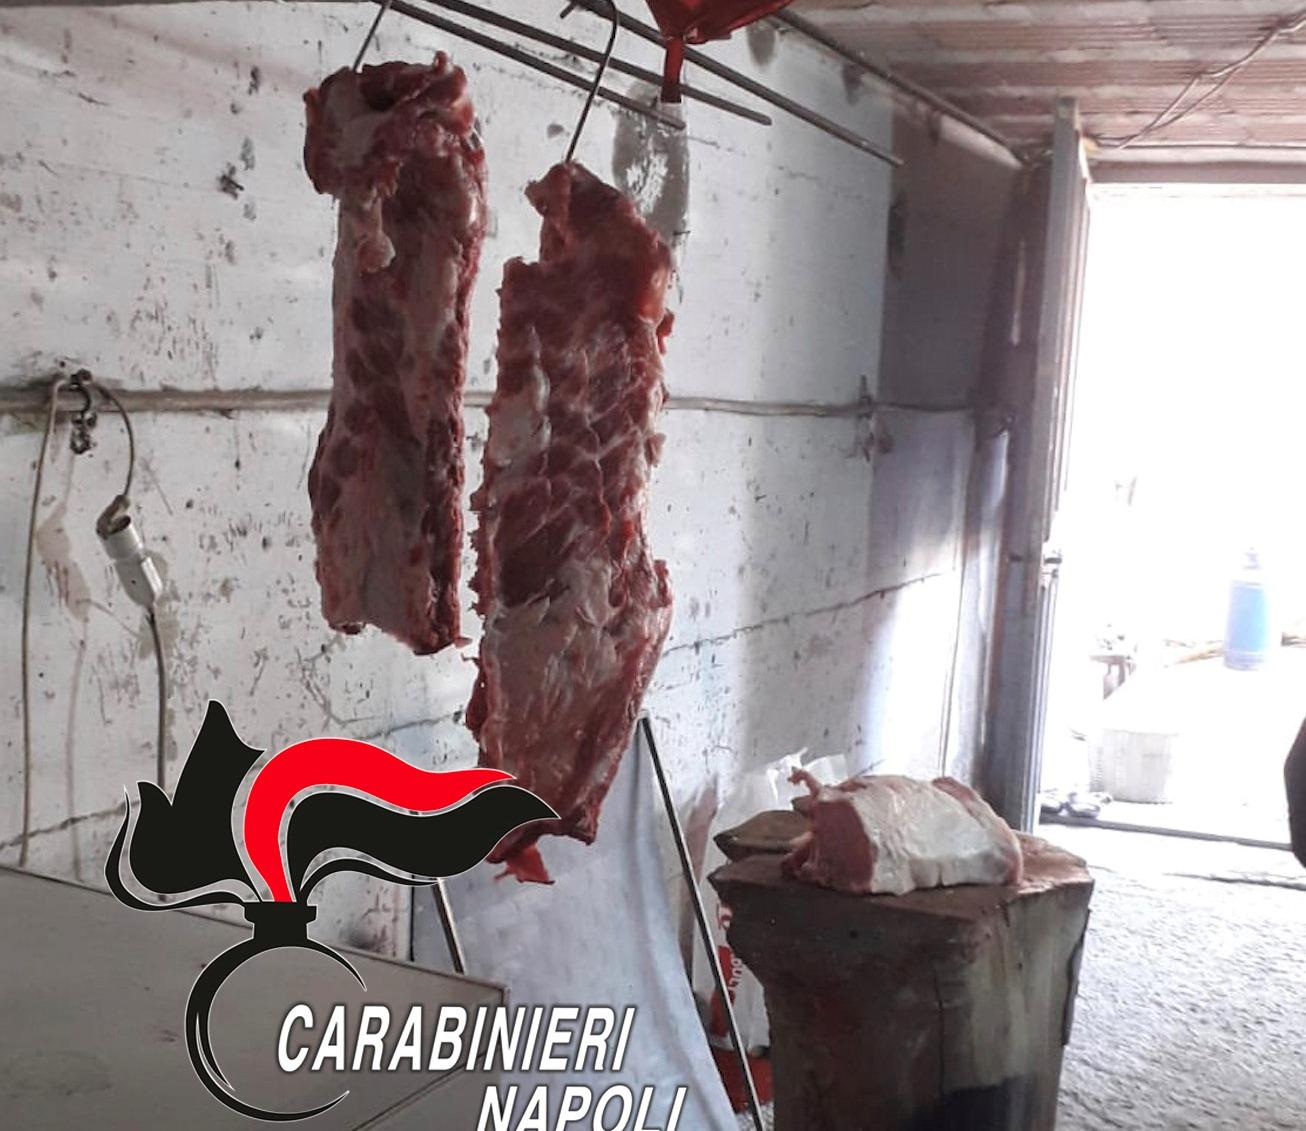 Macellavano carne sudicia nel seminterrato della casa, denunciate due persone